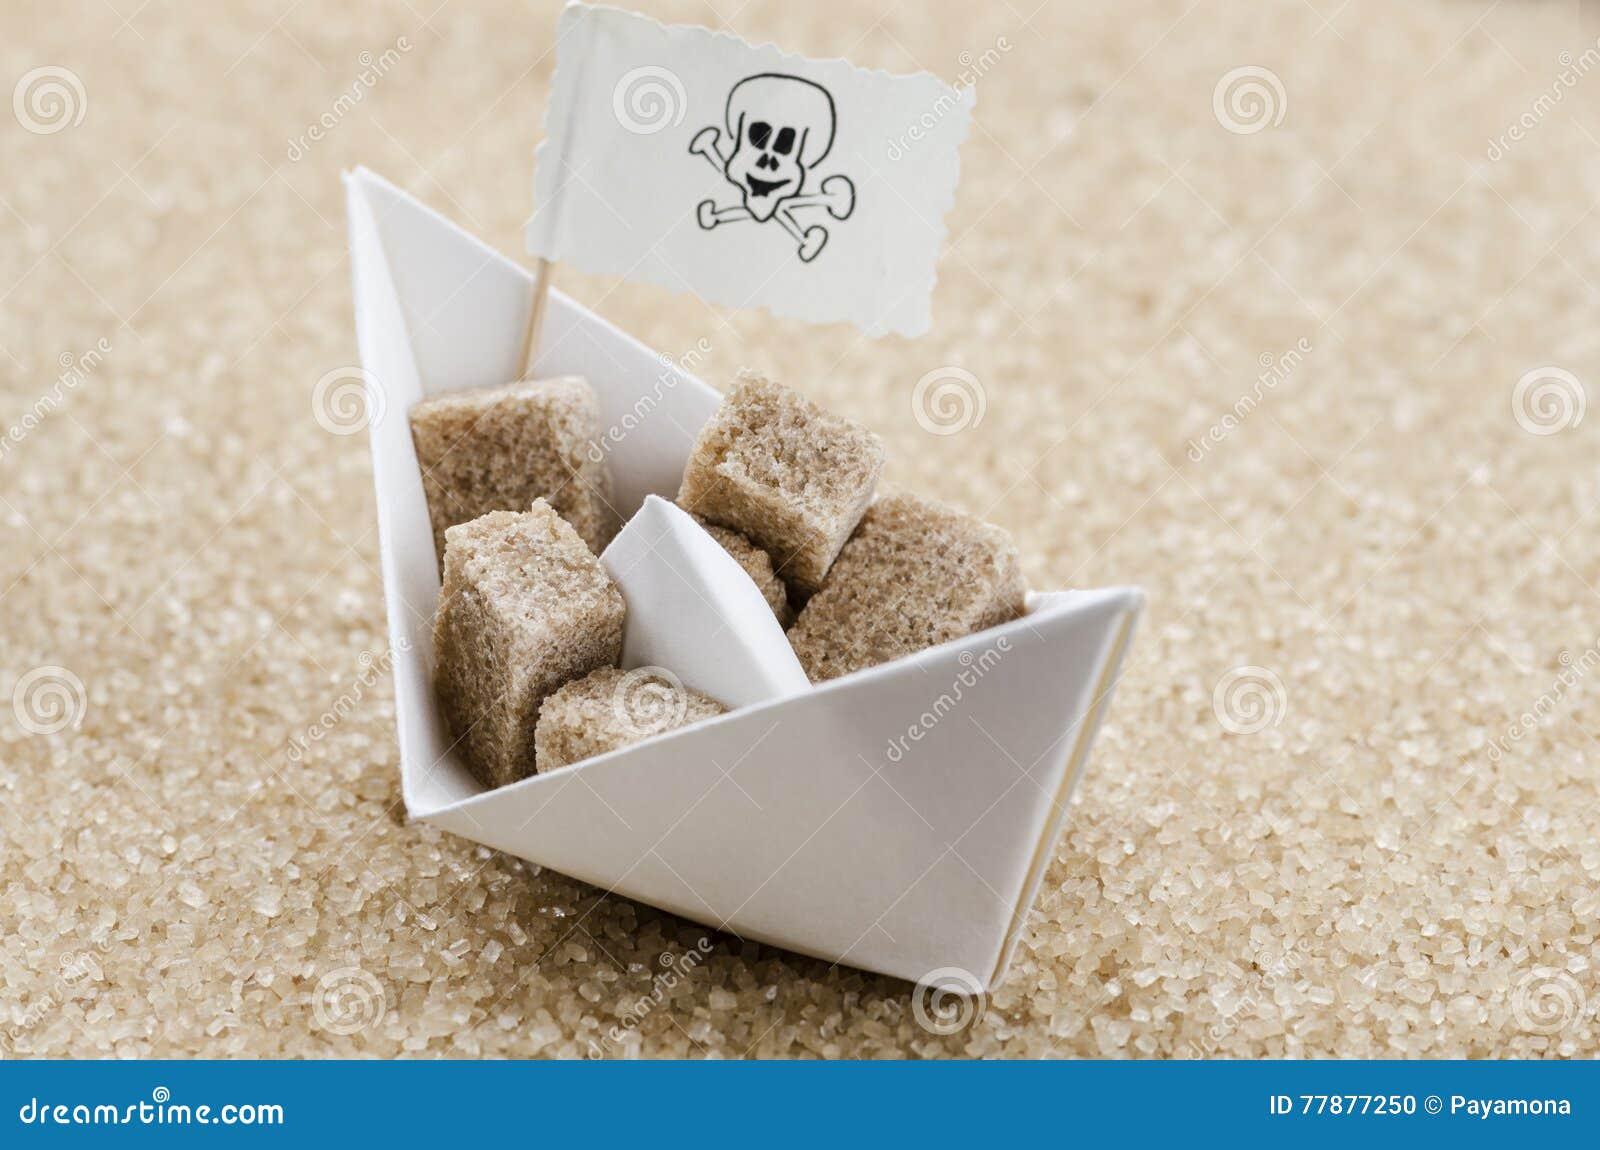 Cubos Del Azúcar De Brown En Un Barco En Un Mar Del Azúcar Marrón Foto de archivo